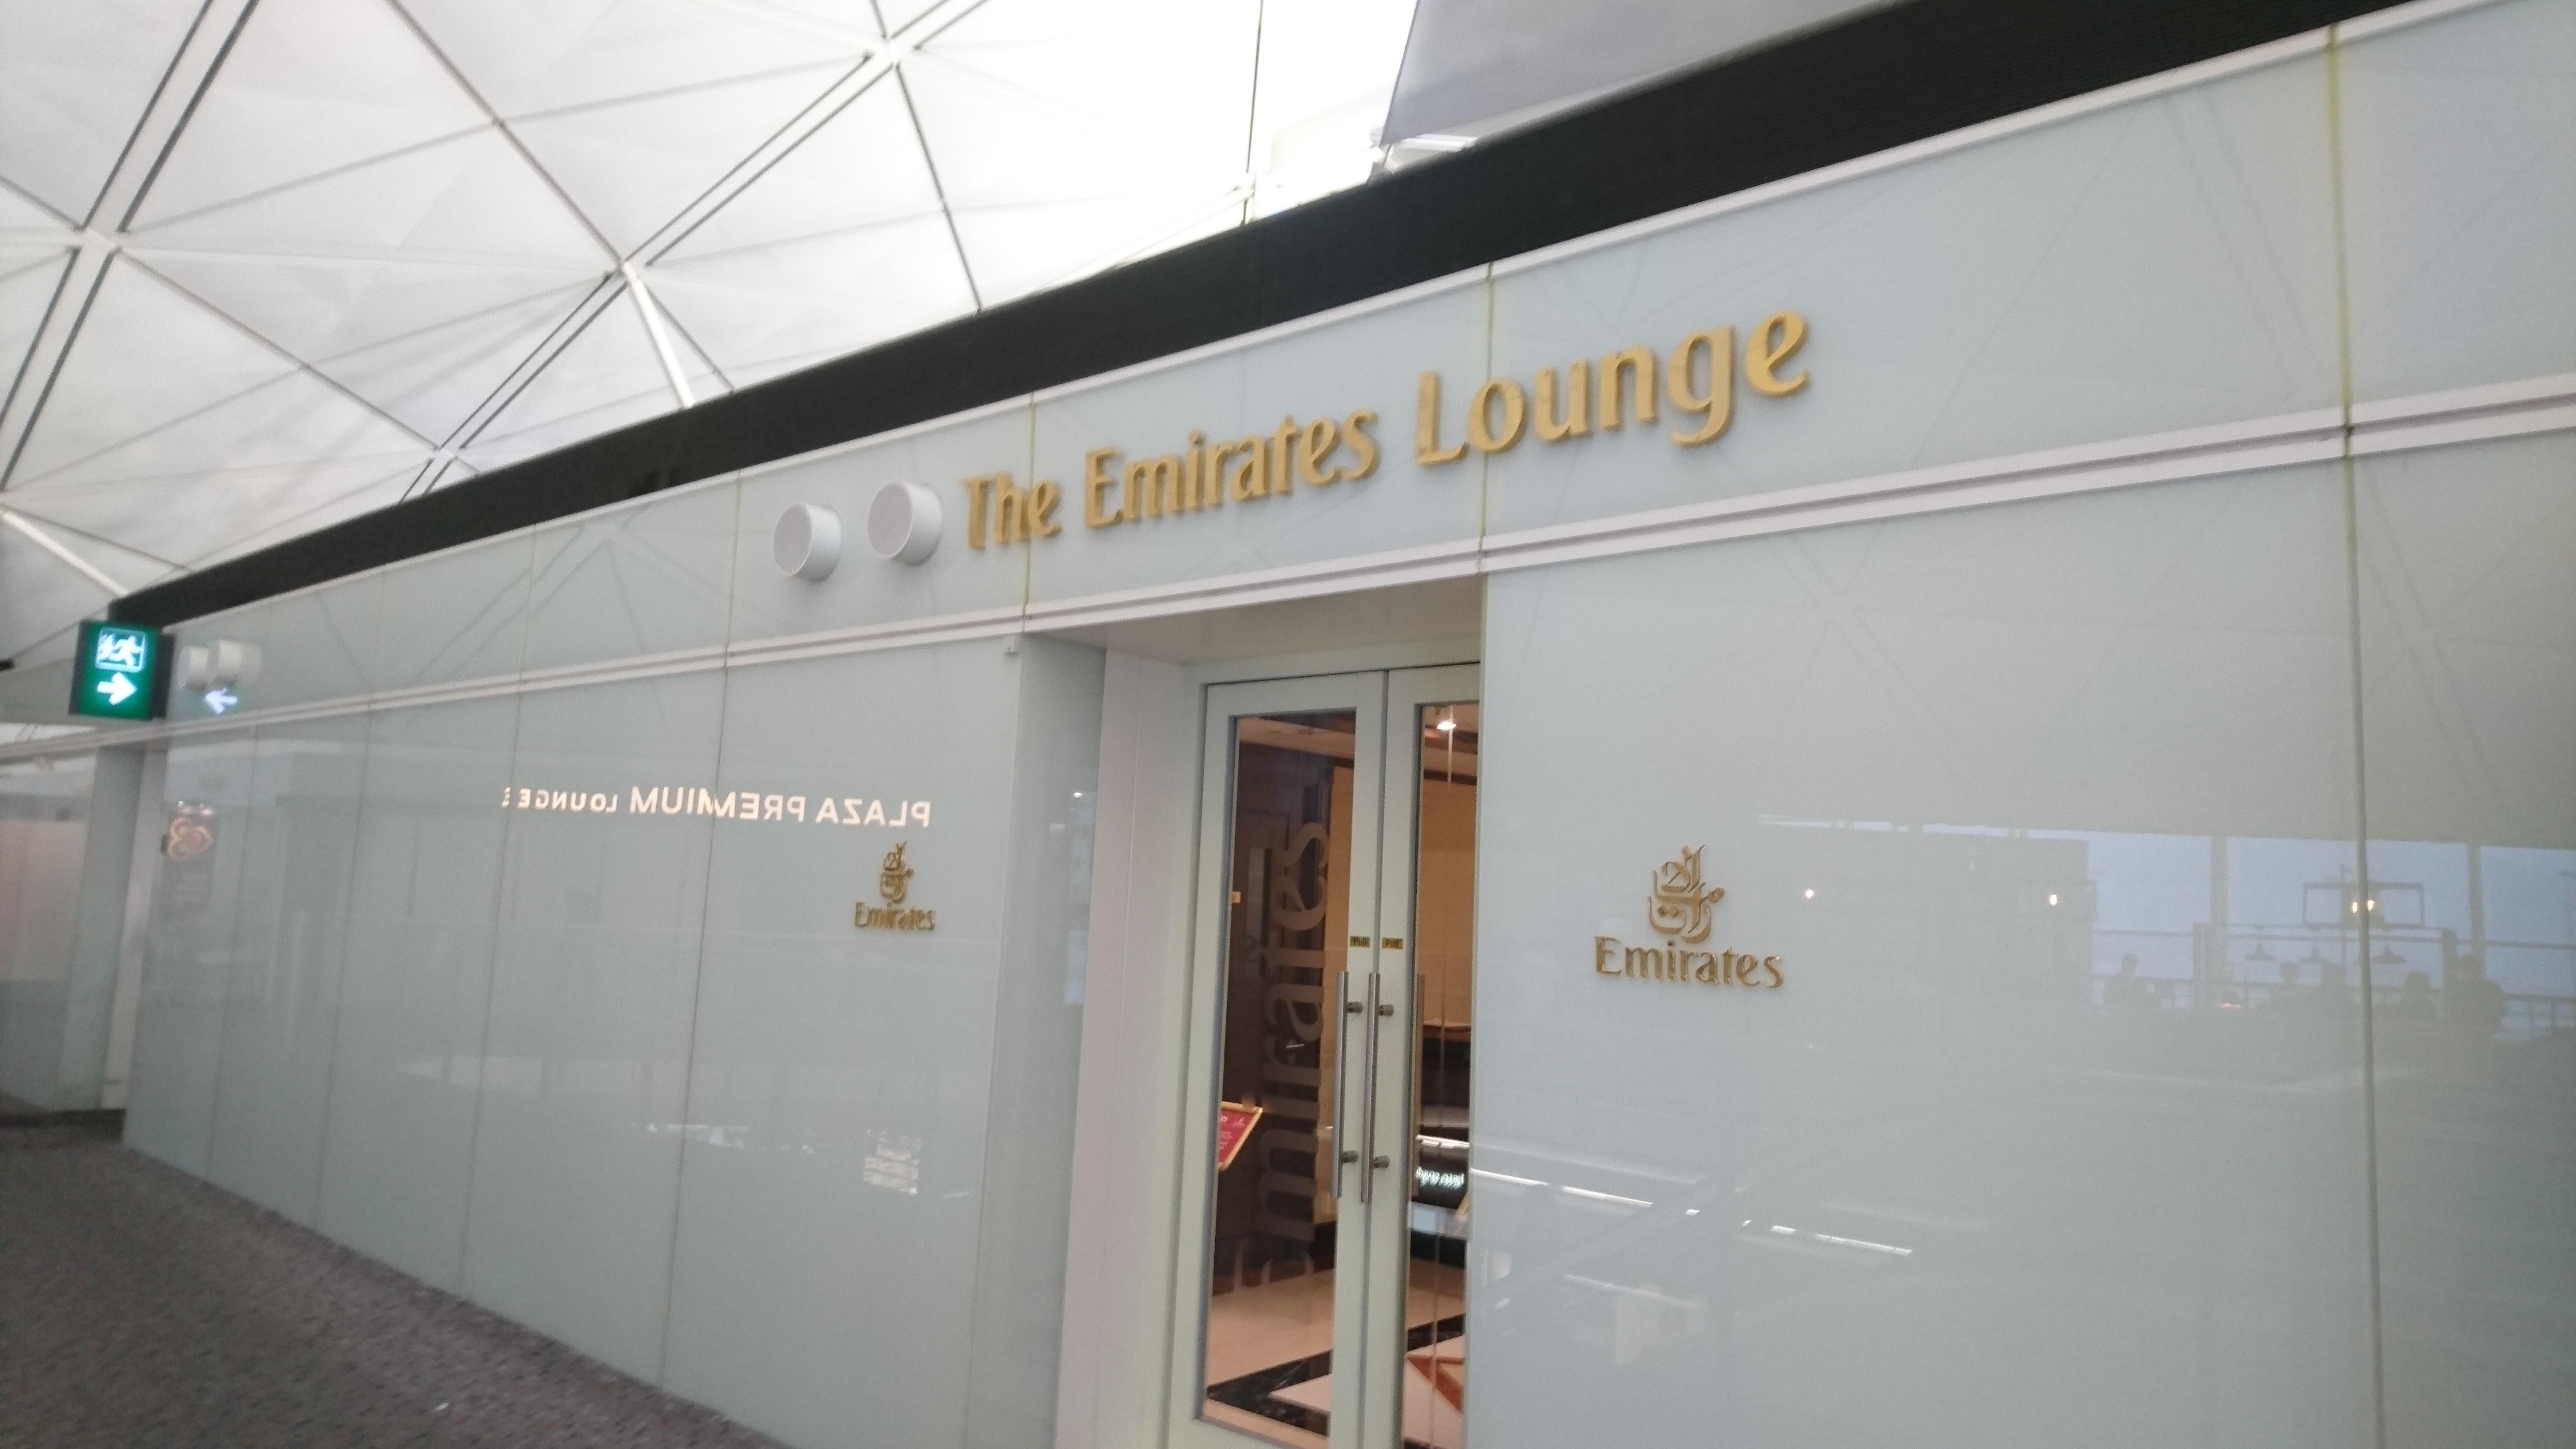 エミレーツ航空ラウンジ「Emirates Lounge」